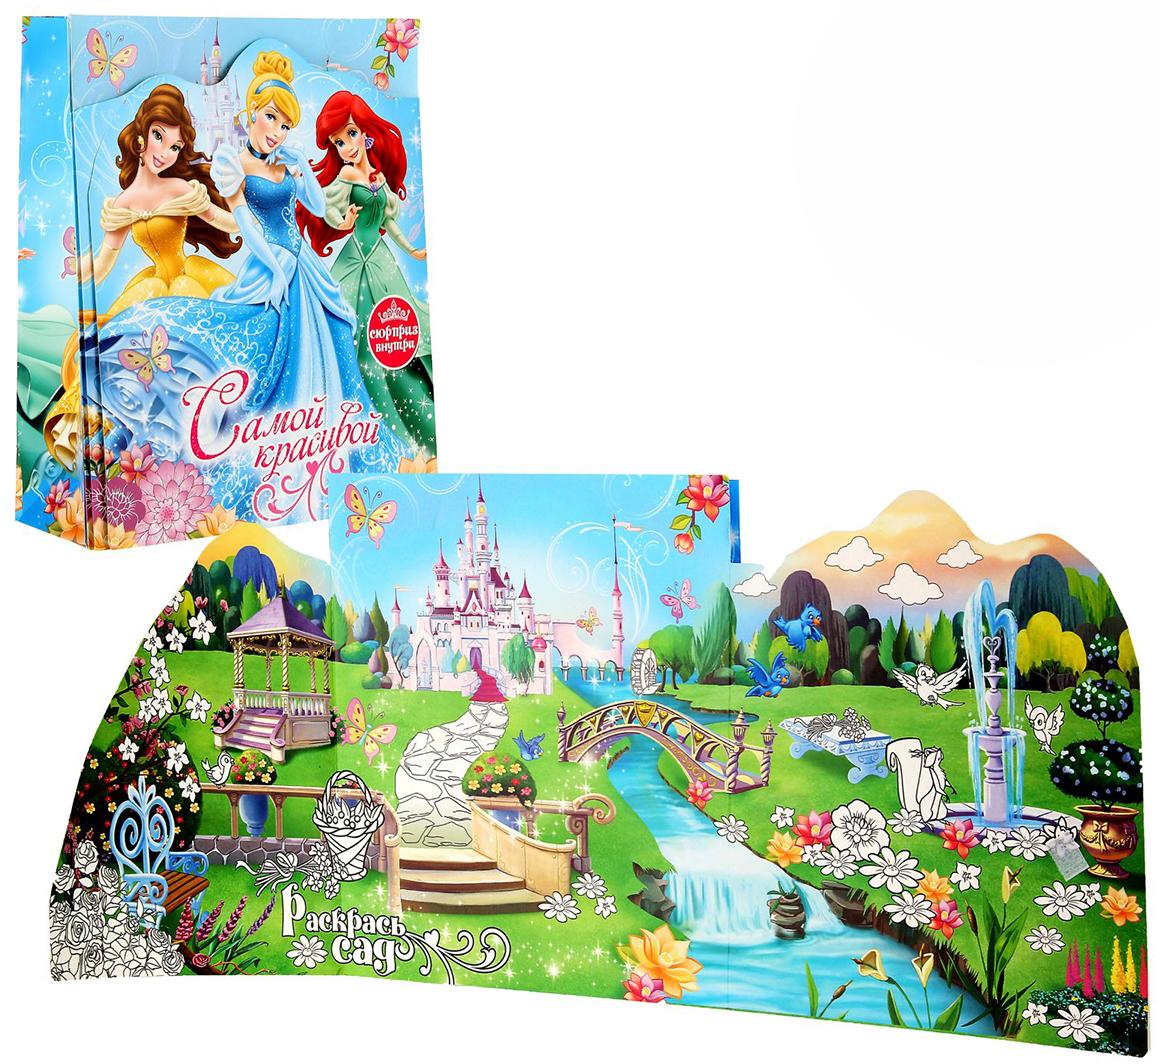 Подарочный пакет с первого взгляда понравится ребенку, ведь это сказочный домик, в котором живут волшебные герои. На нем разворачивается целая история с любимыми персонажами. На лицевой стороне расположена открытка с игрой. Наполните пакет конфетами или игрушками. Дарите детям незабываемые минуты радости с уникальными товарами!